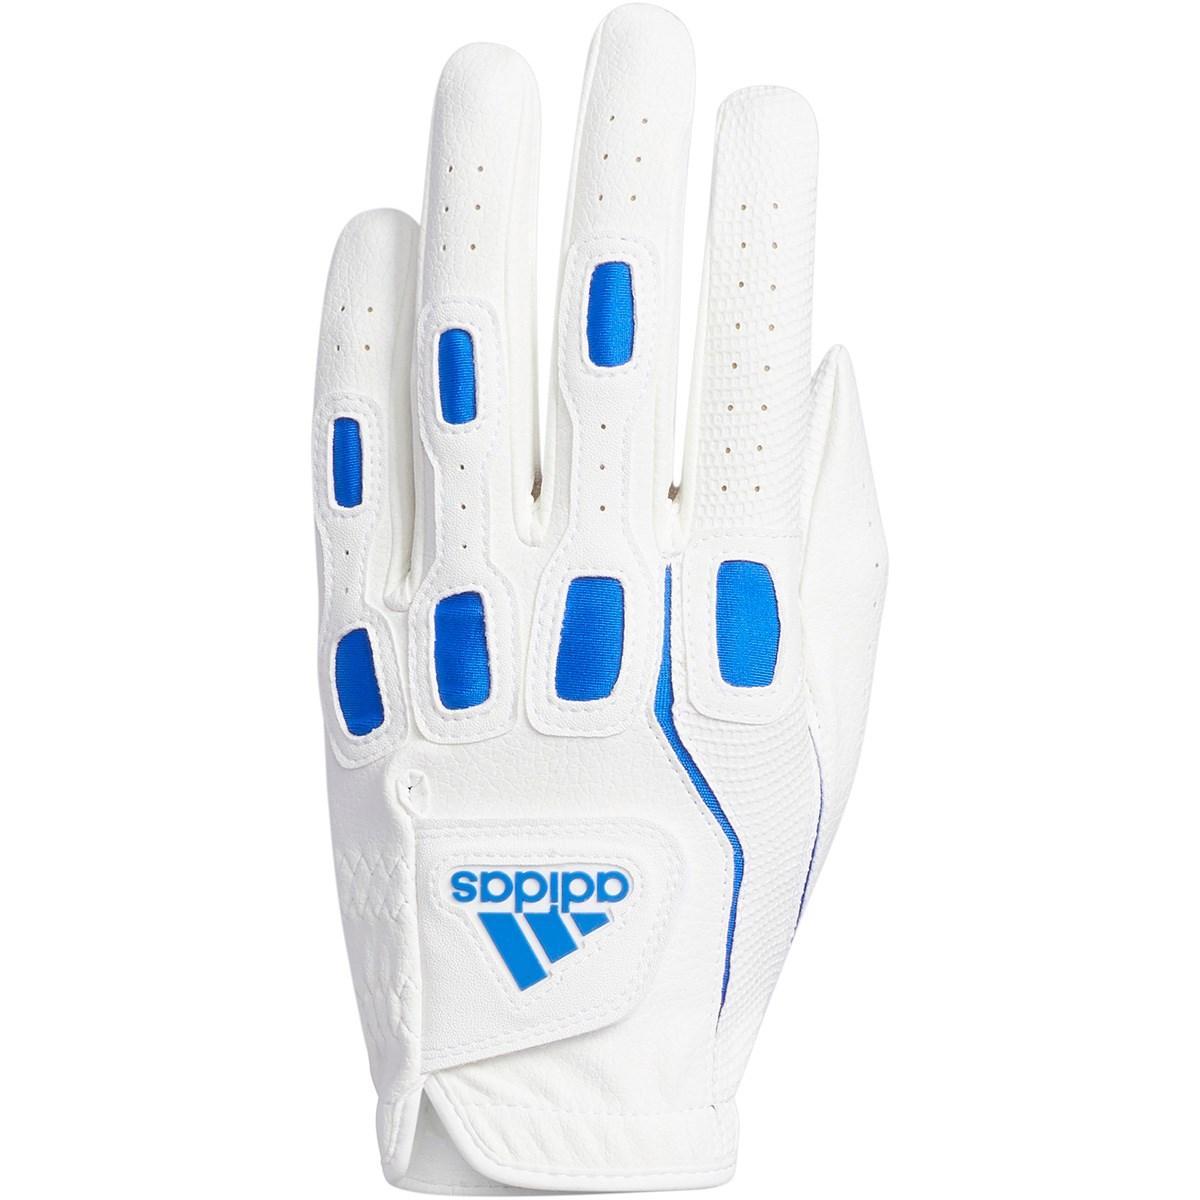 アディダス Adidas マルチフィット9 グローブ レフティ 24cm 右手着用(左利き用) ホワイト/グローリーブルー